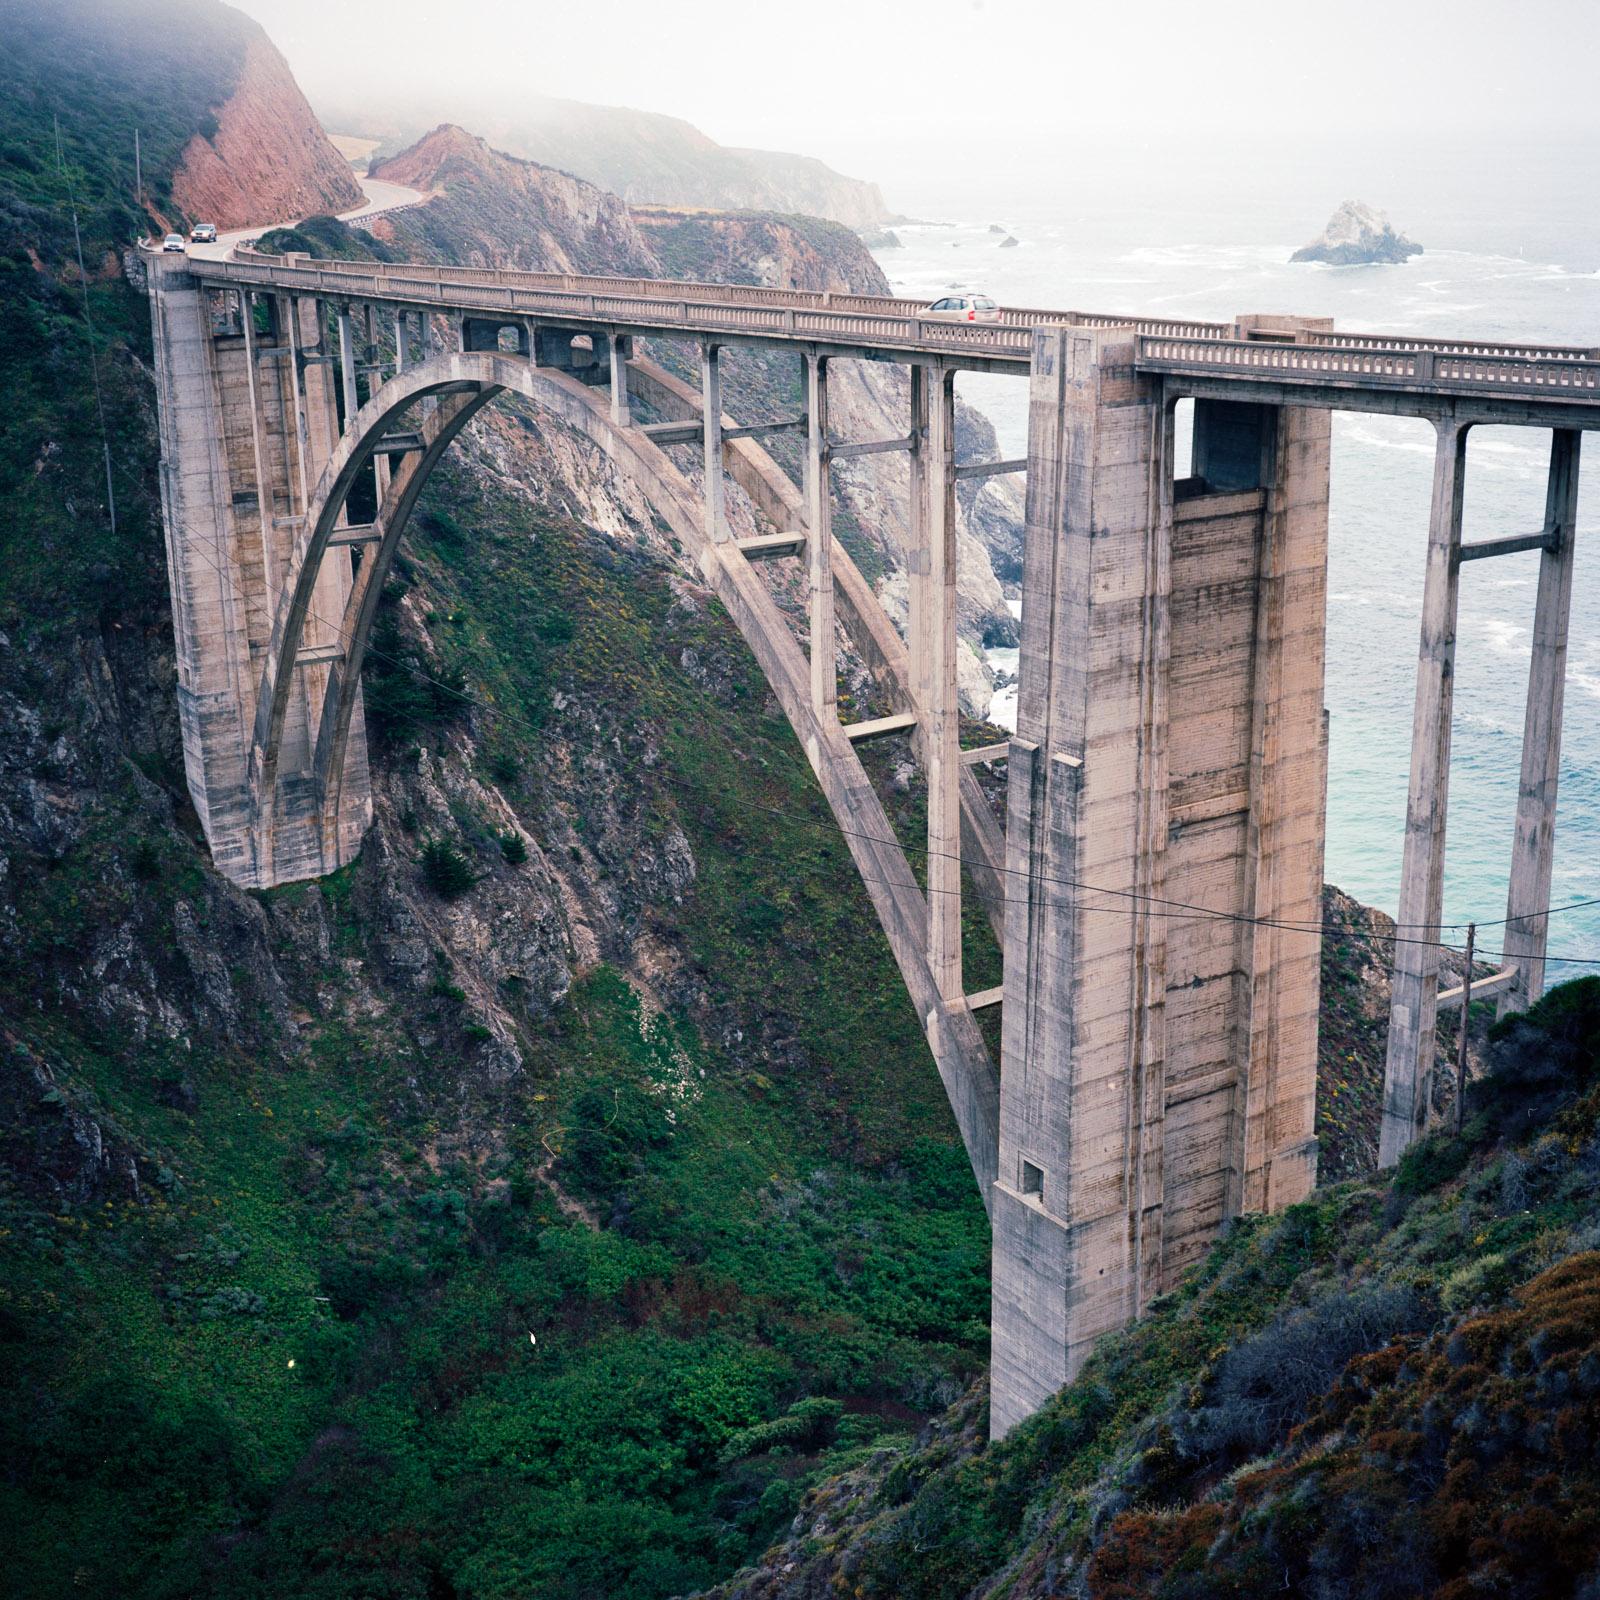 0001-california-travel-11-USA-Ektar-100-4.jpg